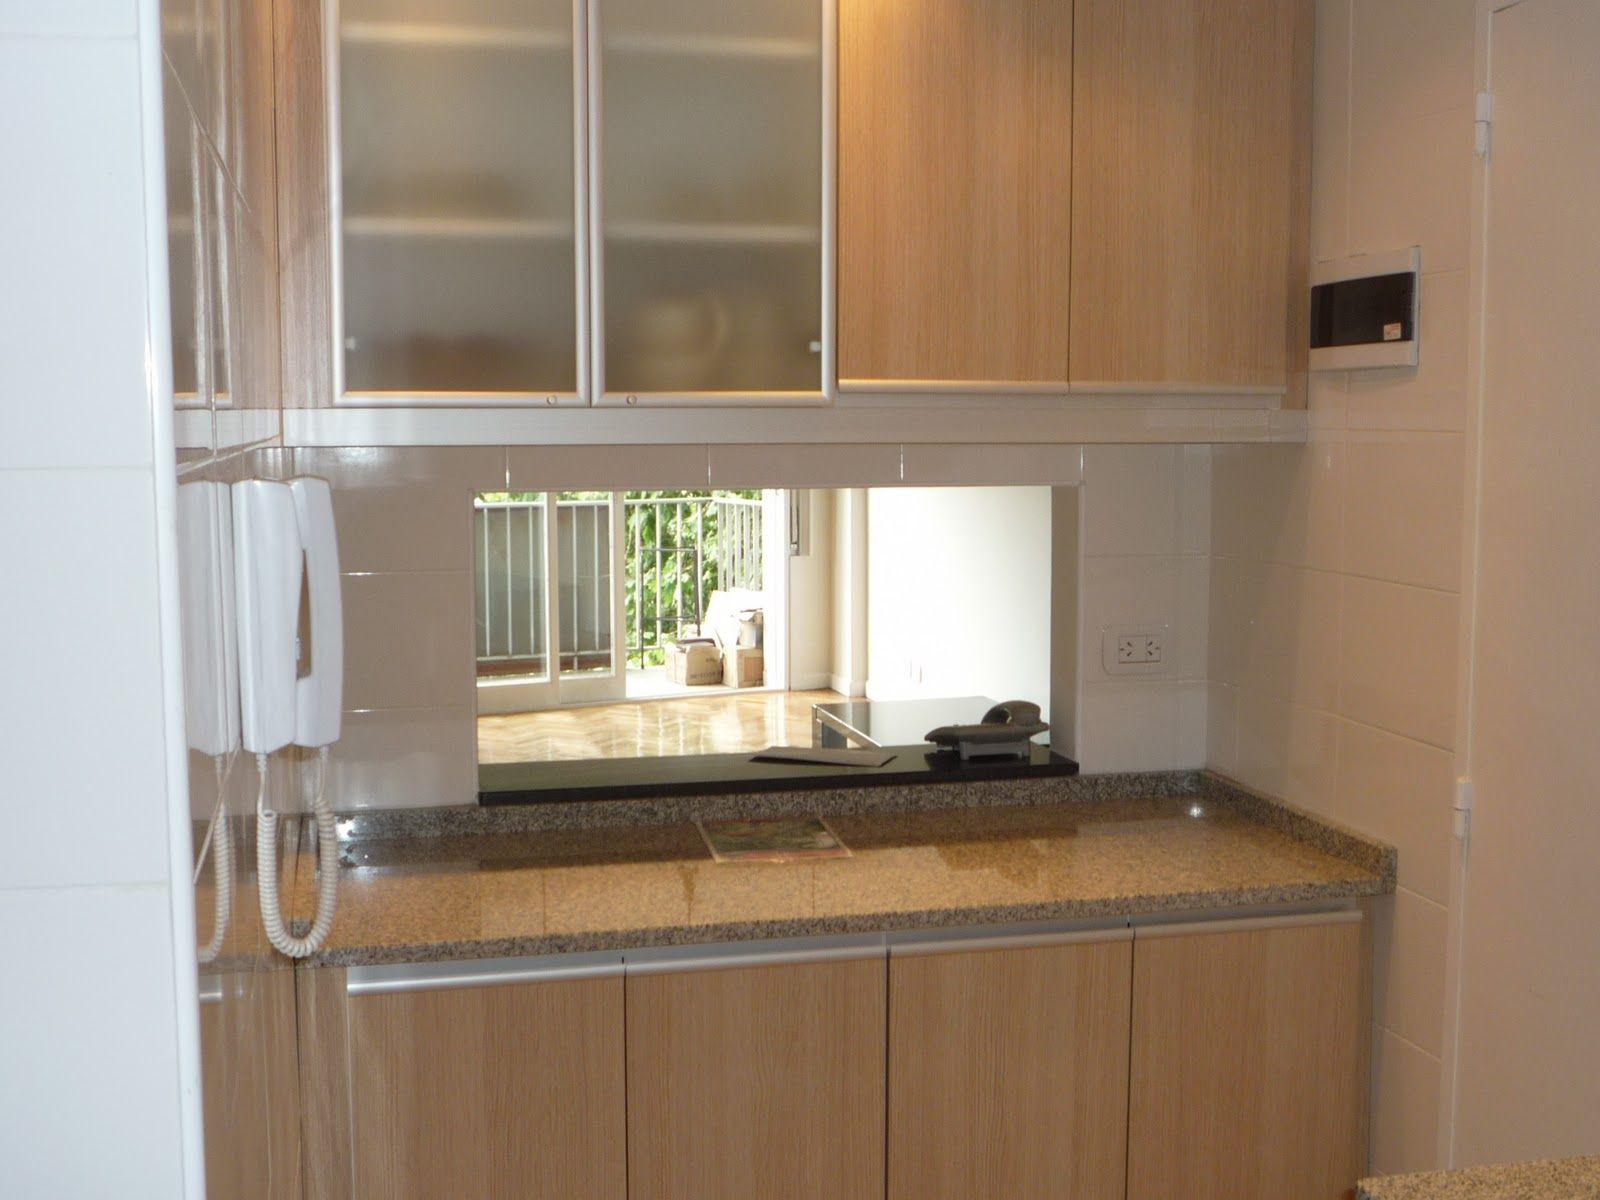 Cocina con pasaplatos jpg 1600 1200 deco house - Pasaplatos cocina ...